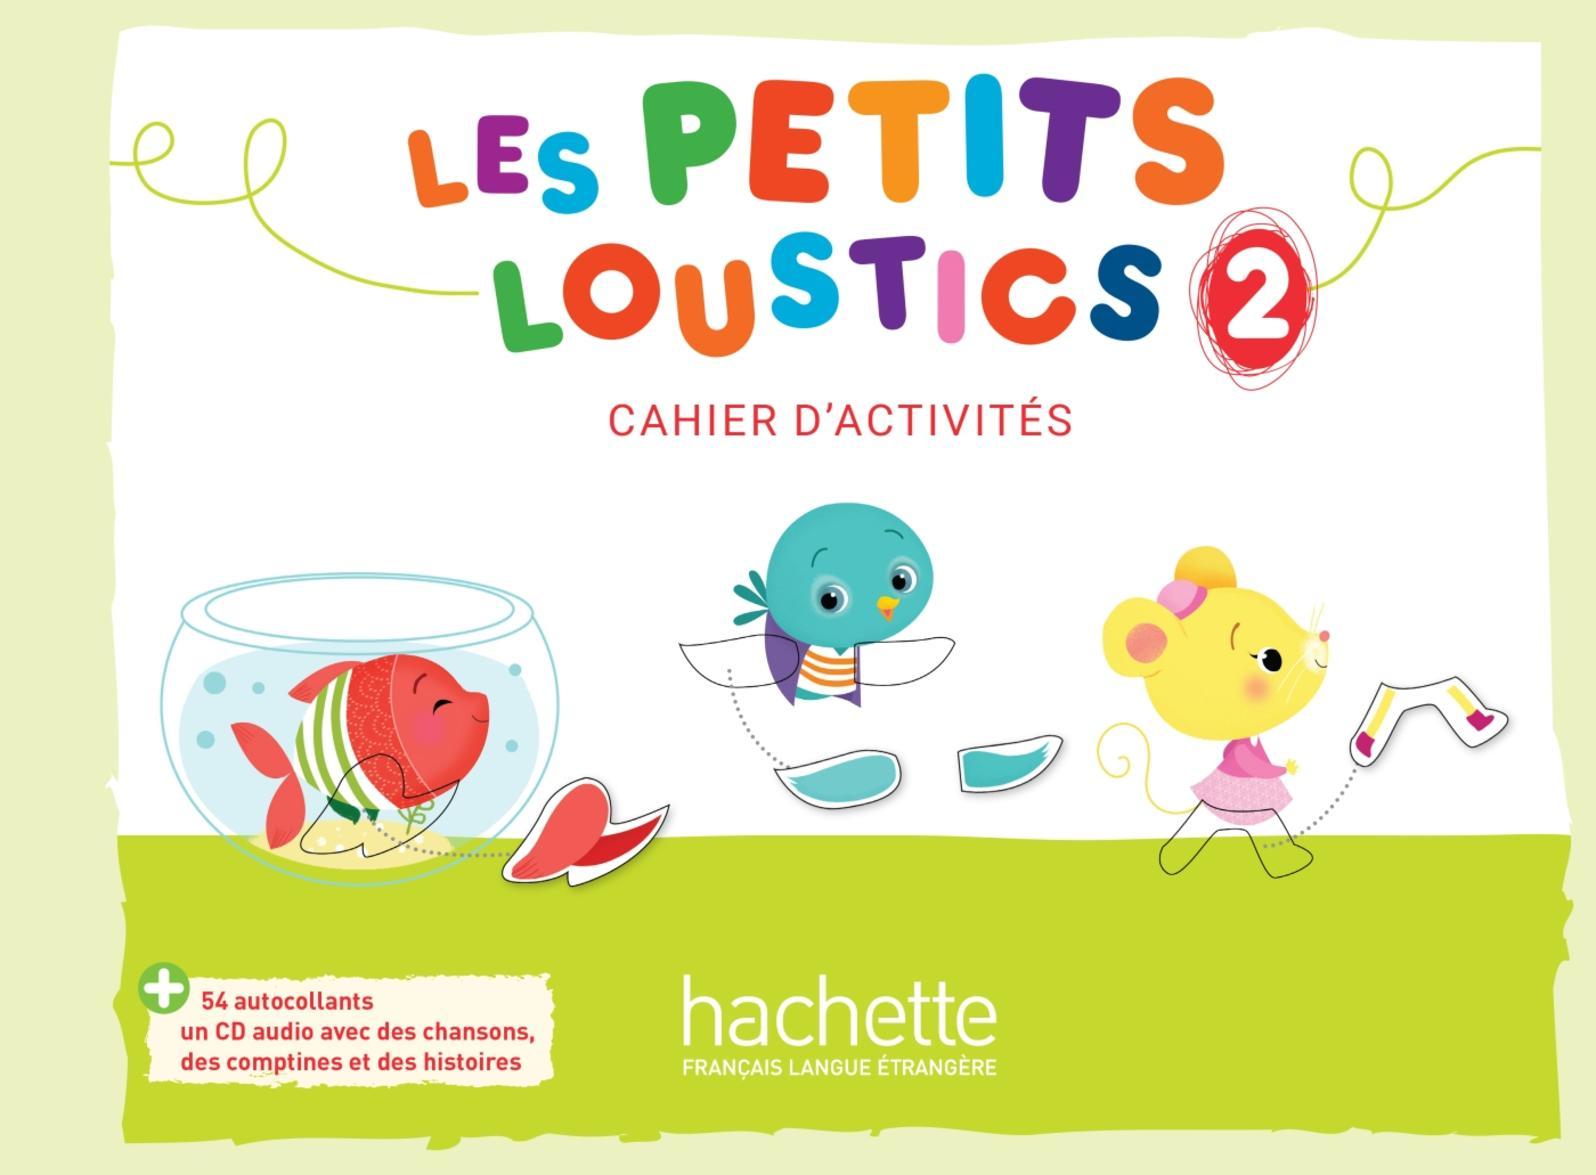 Les Petits Loustics 2 - Cahier d'activités - Extrait